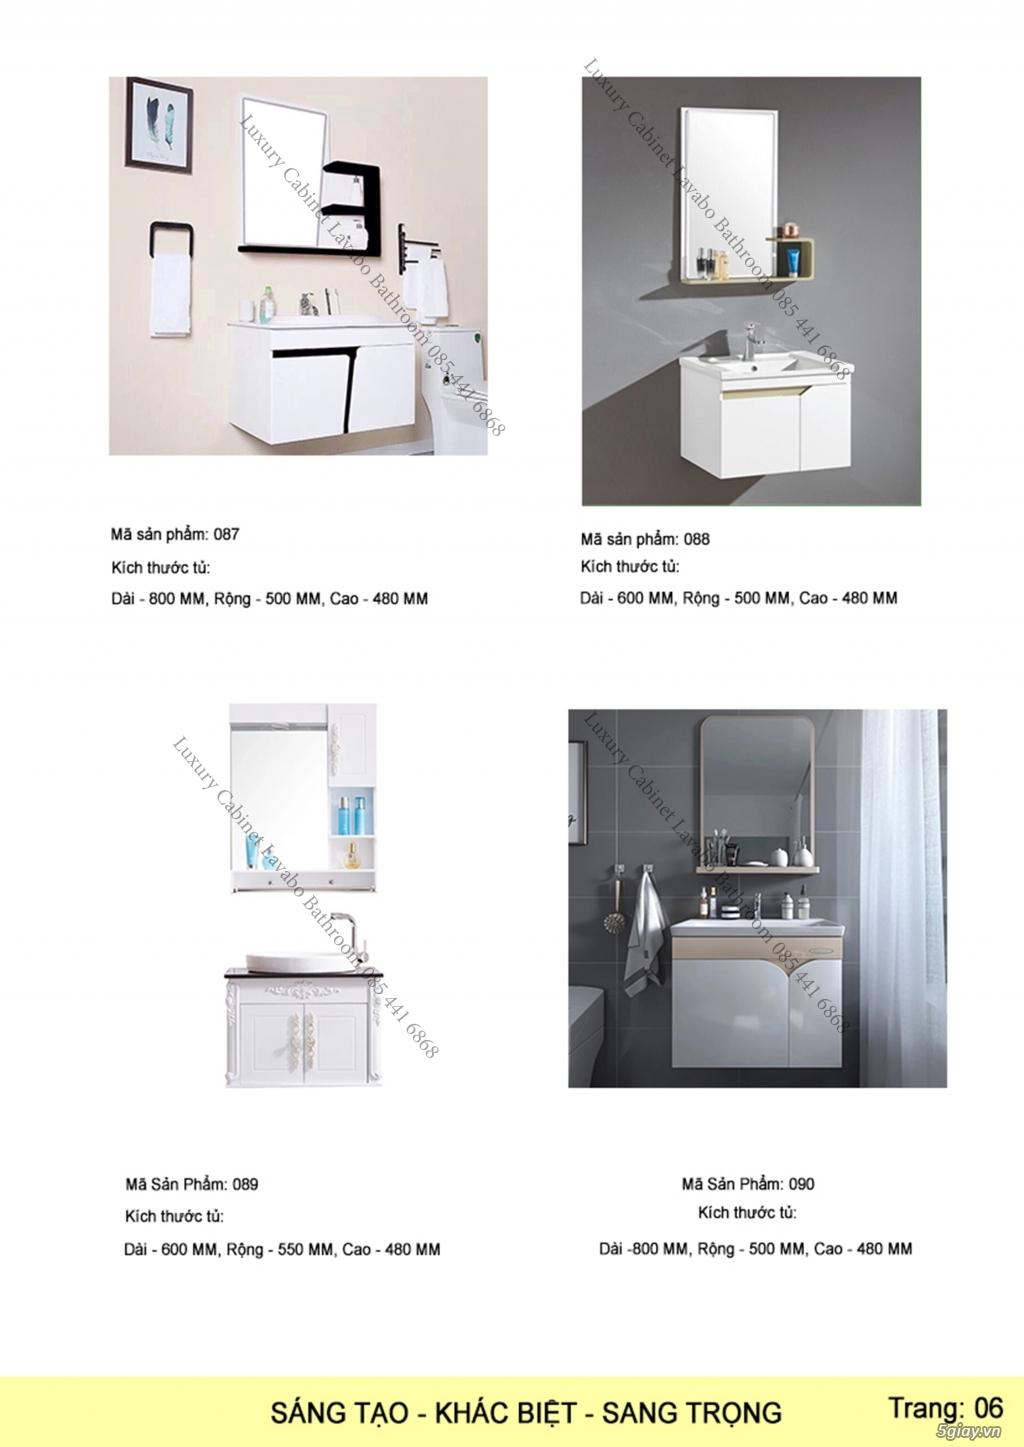 Bán tủ chậu lavabo tân cổ điển, hiện đại, tủ chậu mặt đá phòng tắm - 7